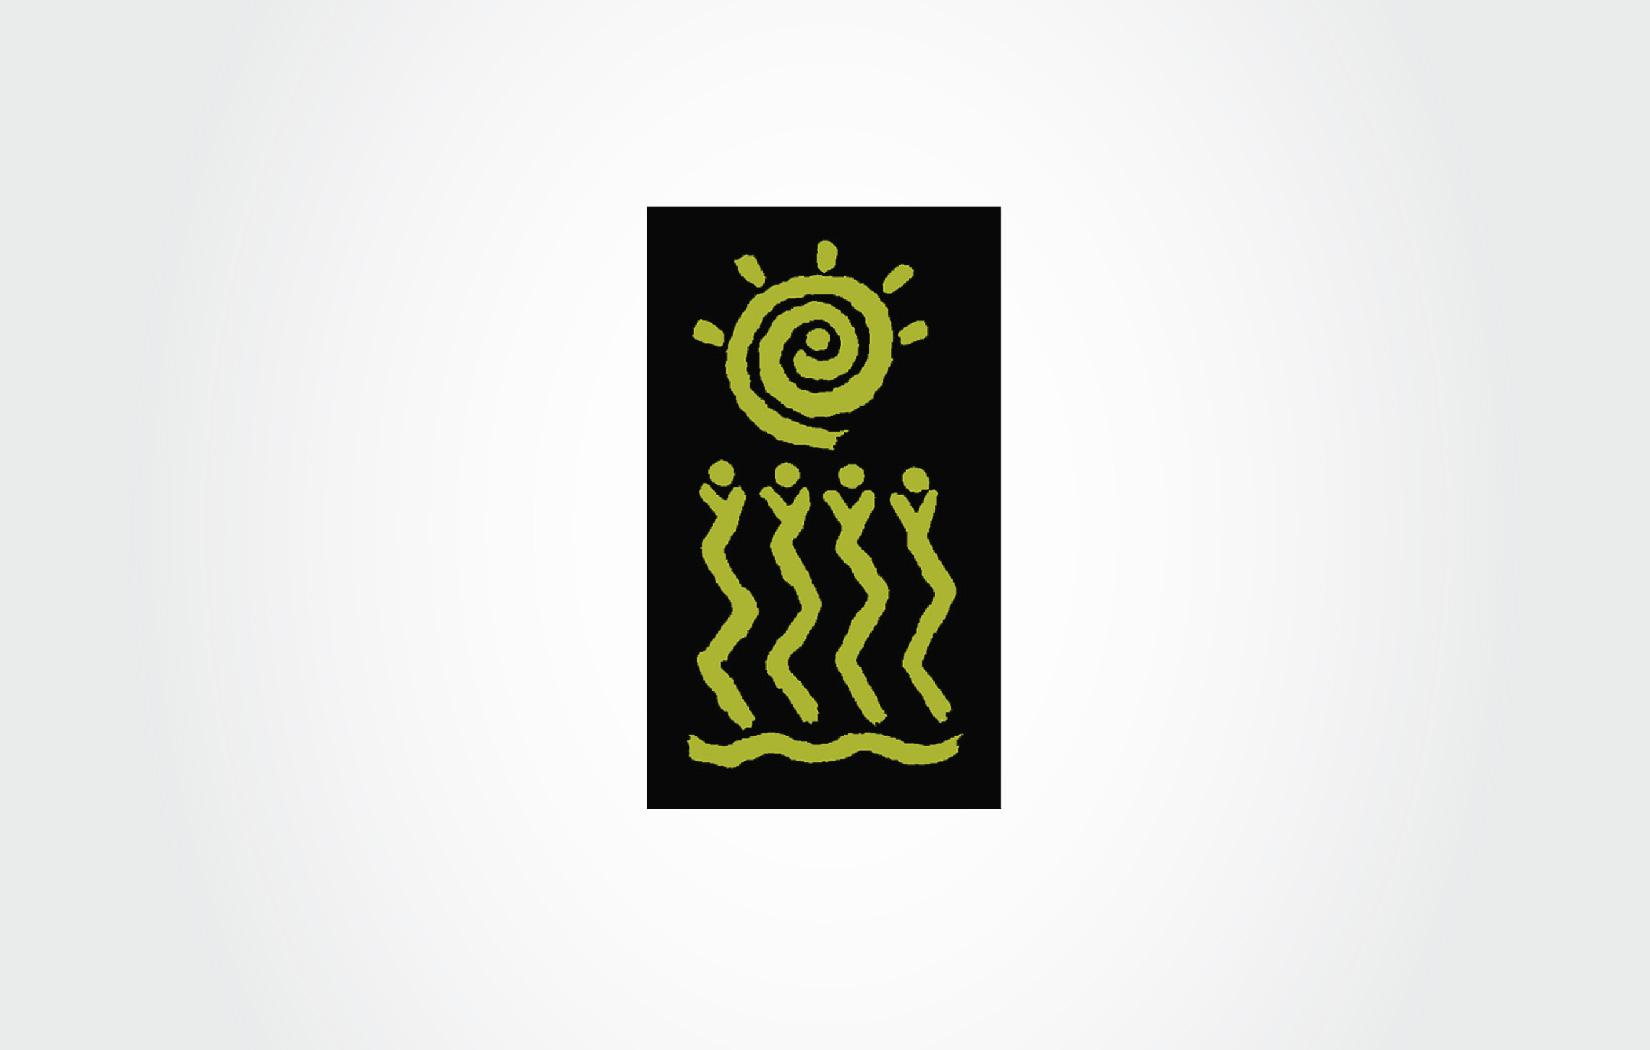 EarthDesign